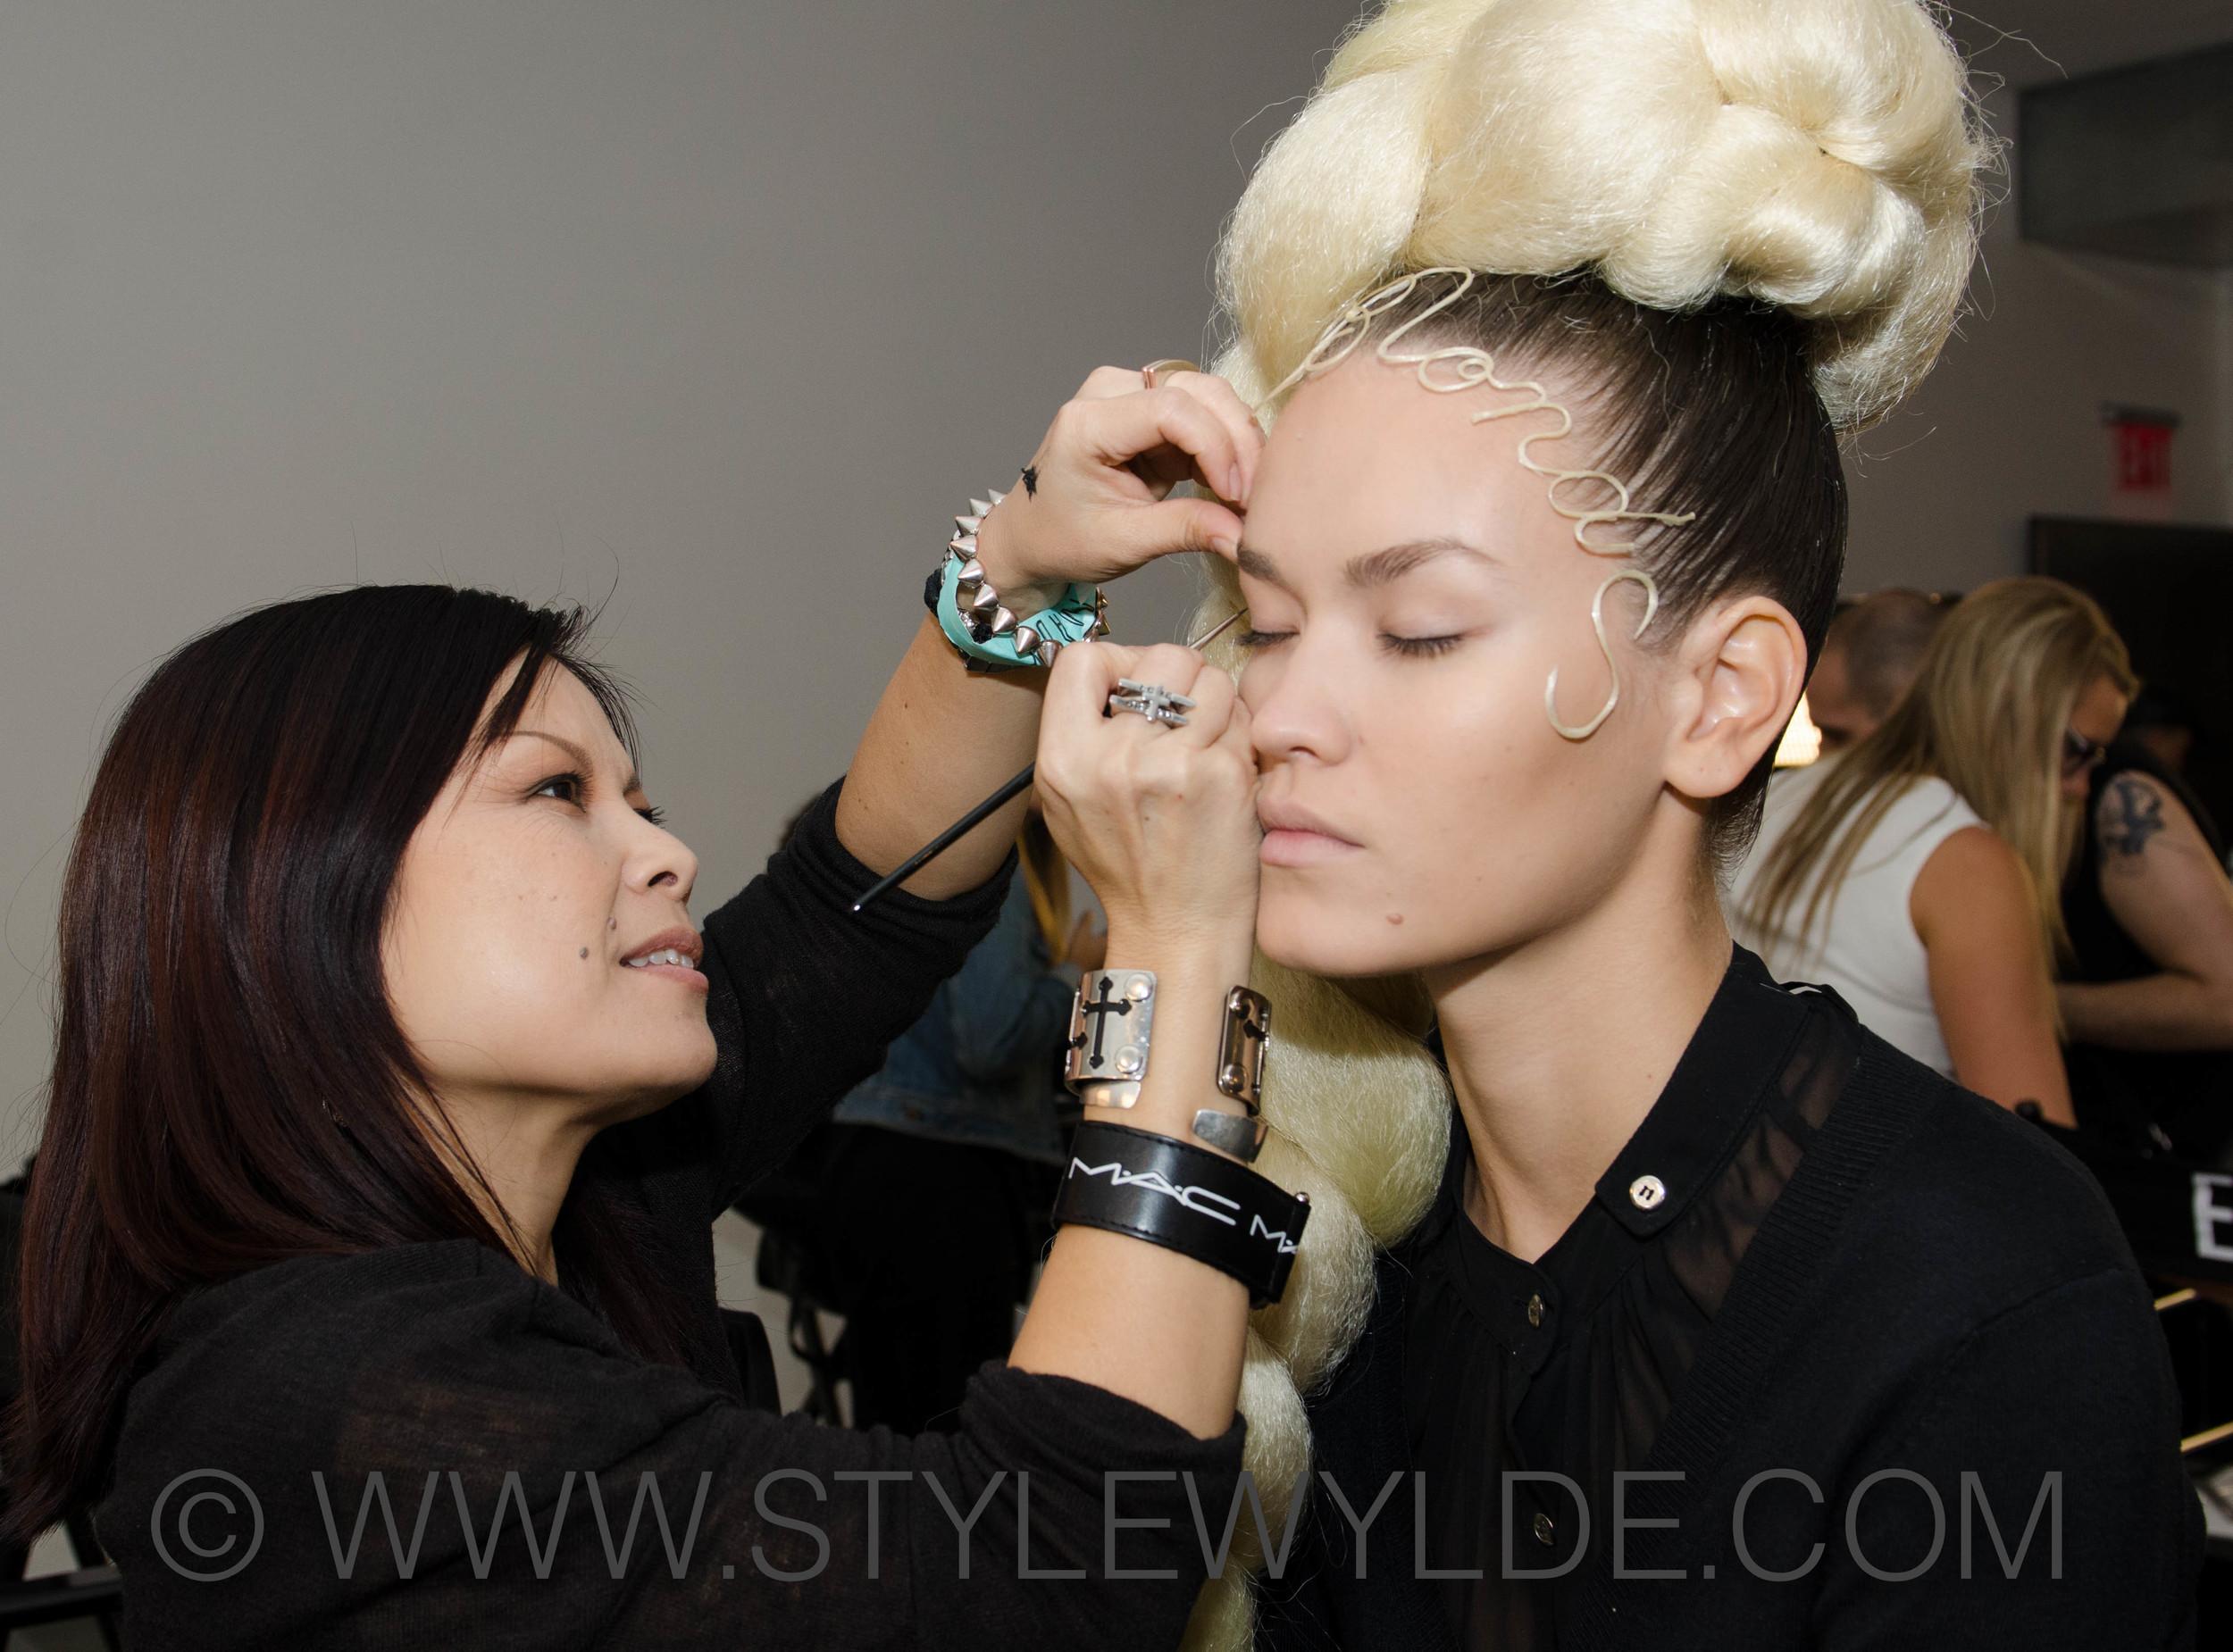 StyleWylde_TheblondsBKST_SS15 (7 of 27).jpg